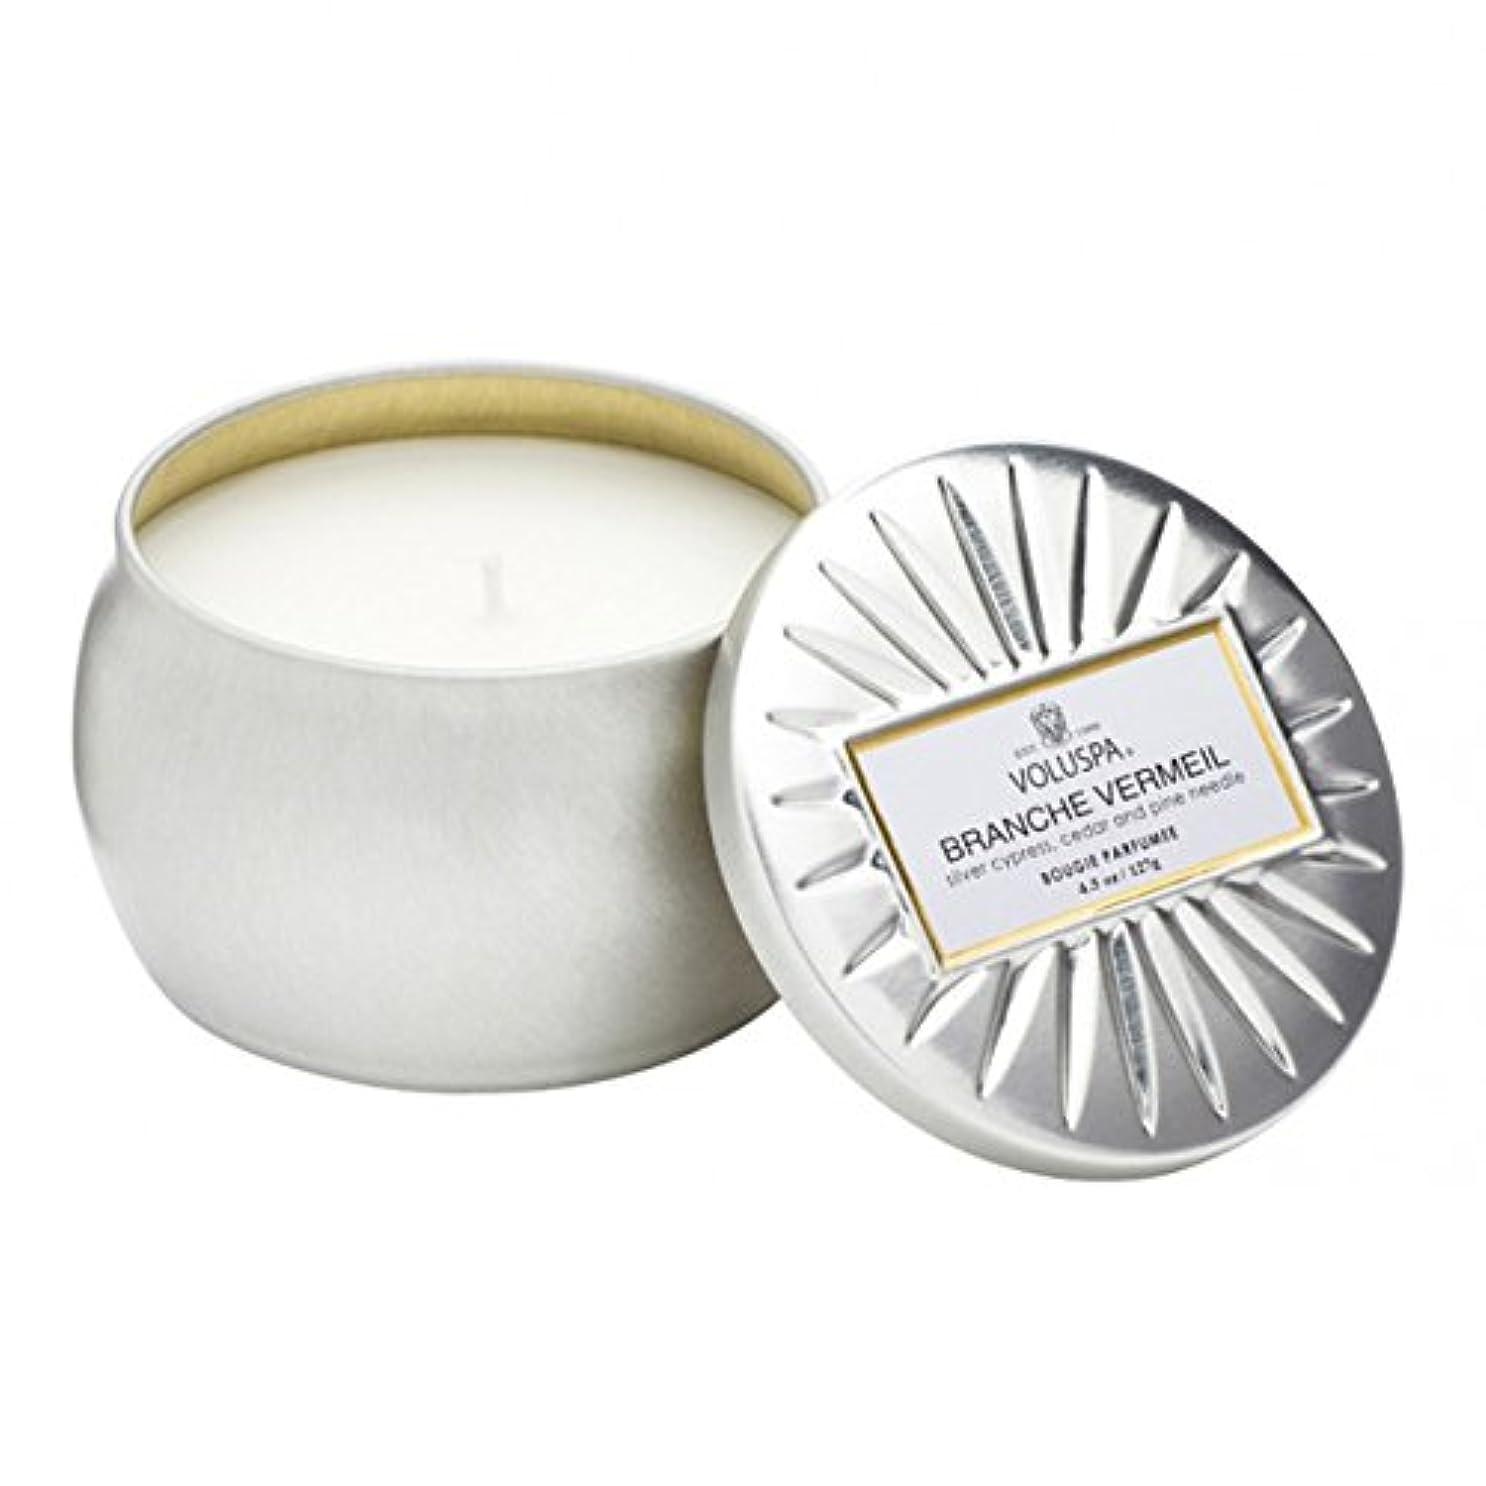 代替案使用法版Voluspa ボルスパ ヴァーメイル ティンキャンドル  S フ?ランチヴァーメイル BRANCHE VERMEIL VERMEIL PETITE Tin Glass Candle